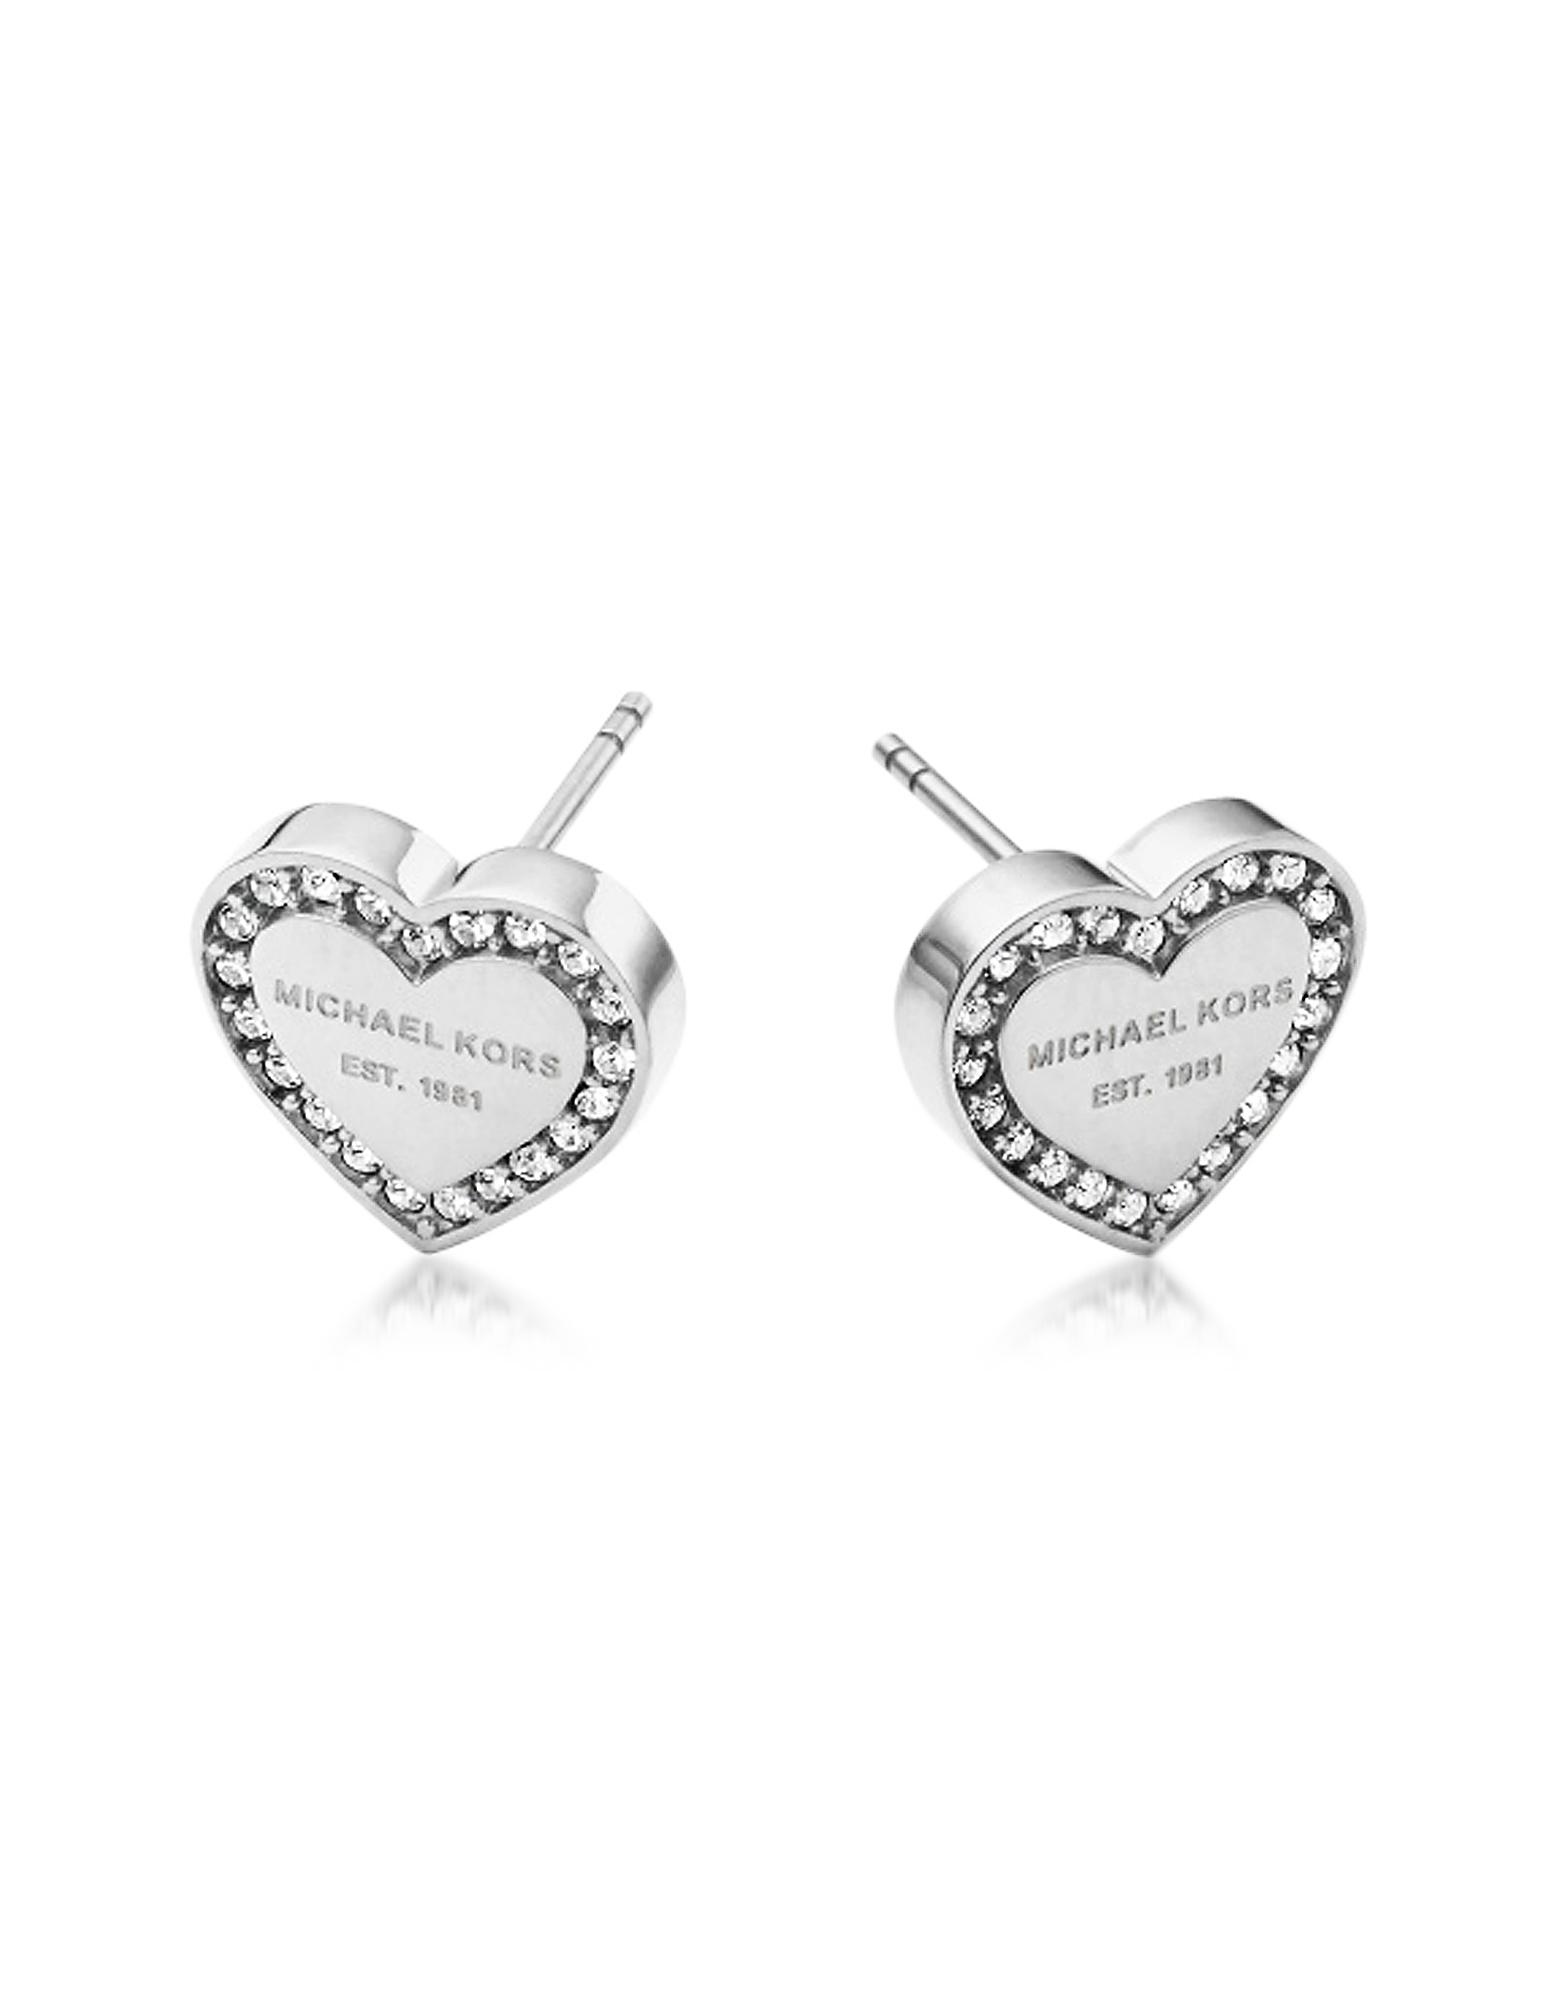 Michael Kors Earrings, Heritage Stainless Heart Earrings w/Crystals